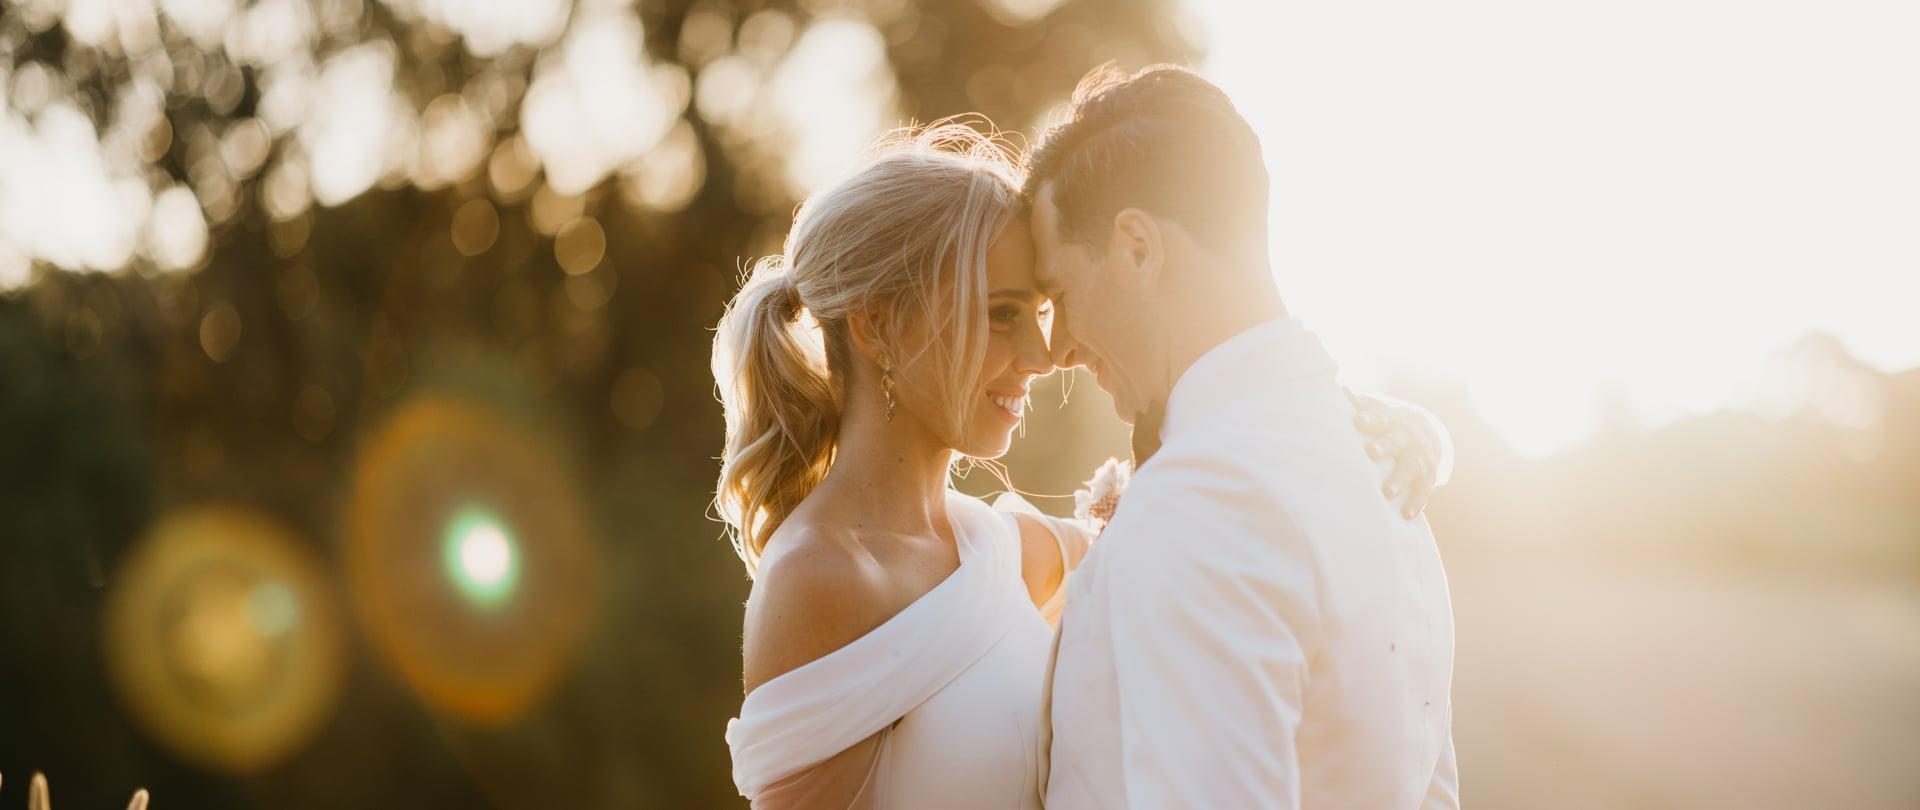 Caitlin & Matt Wedding Video Filmed at Bellarine, Victoria